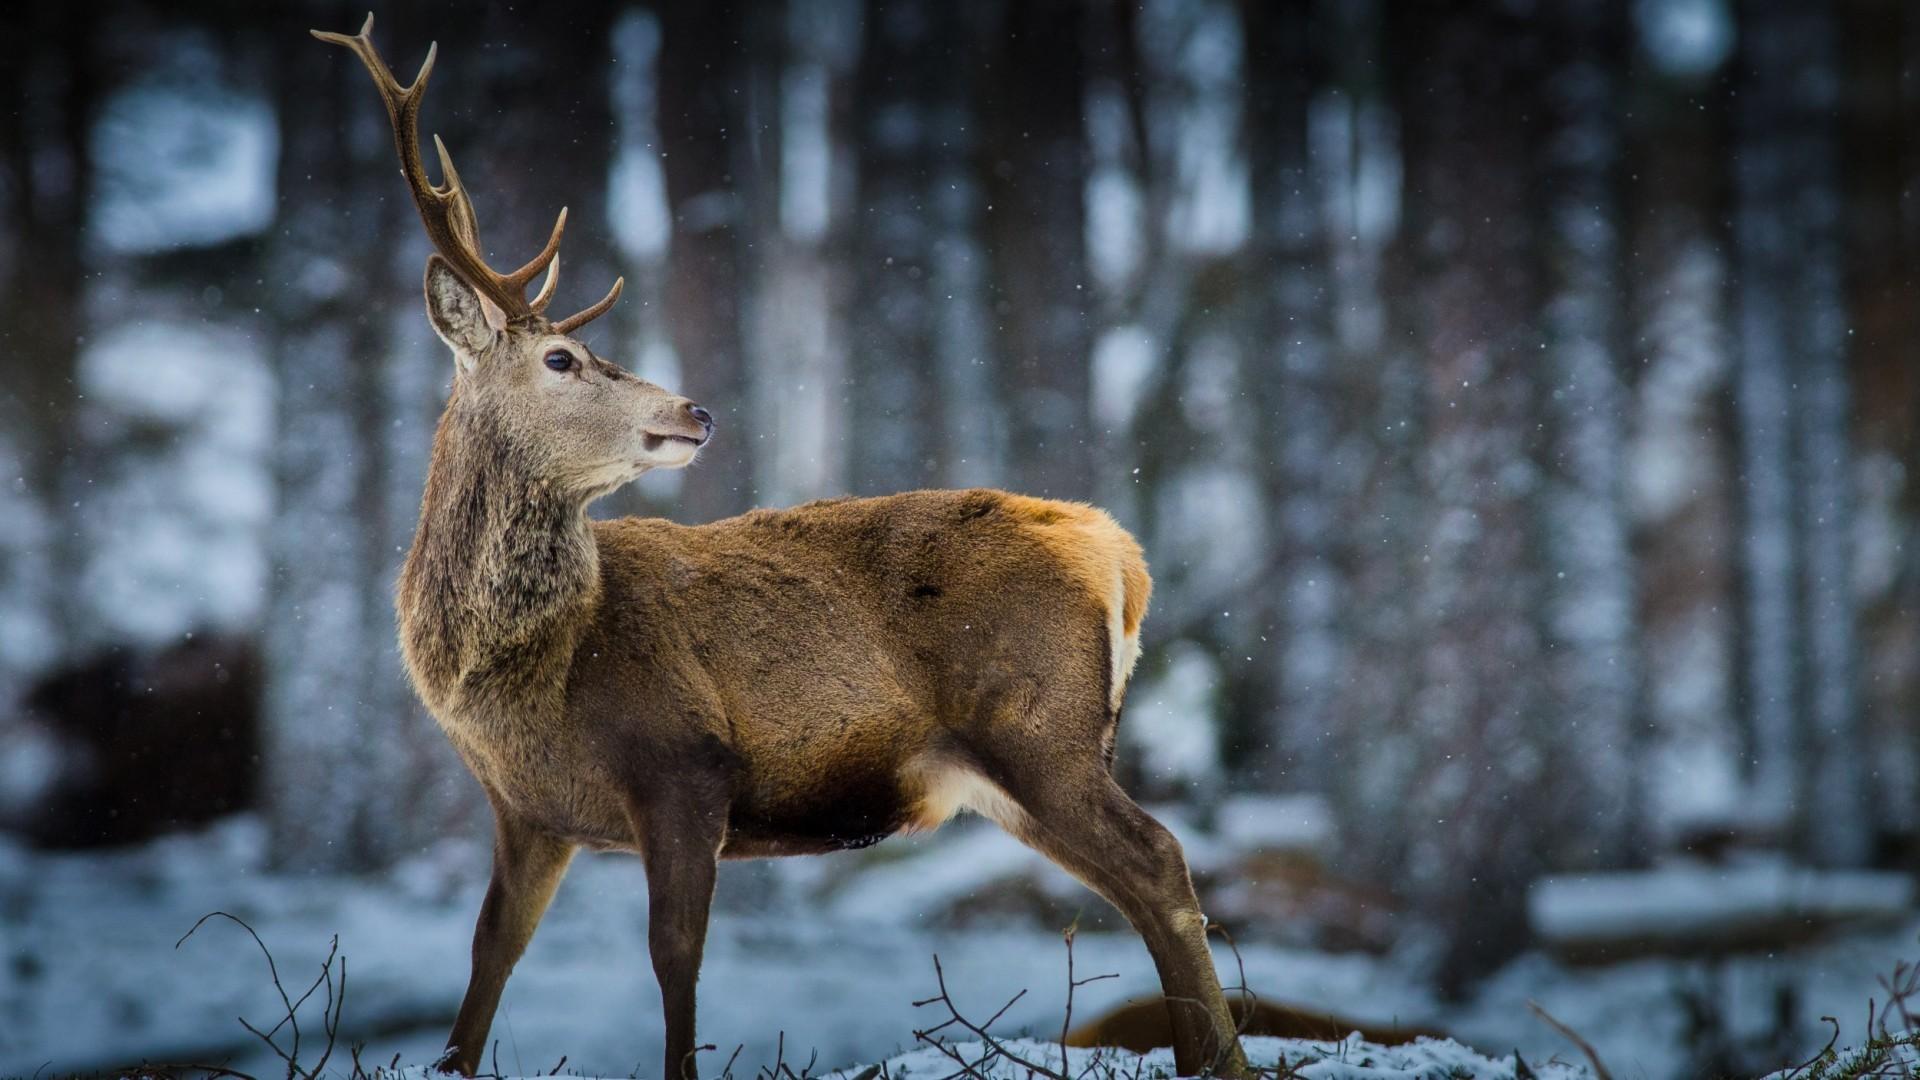 Winter Animal Scenes Wallpaper – WallpaperSafari